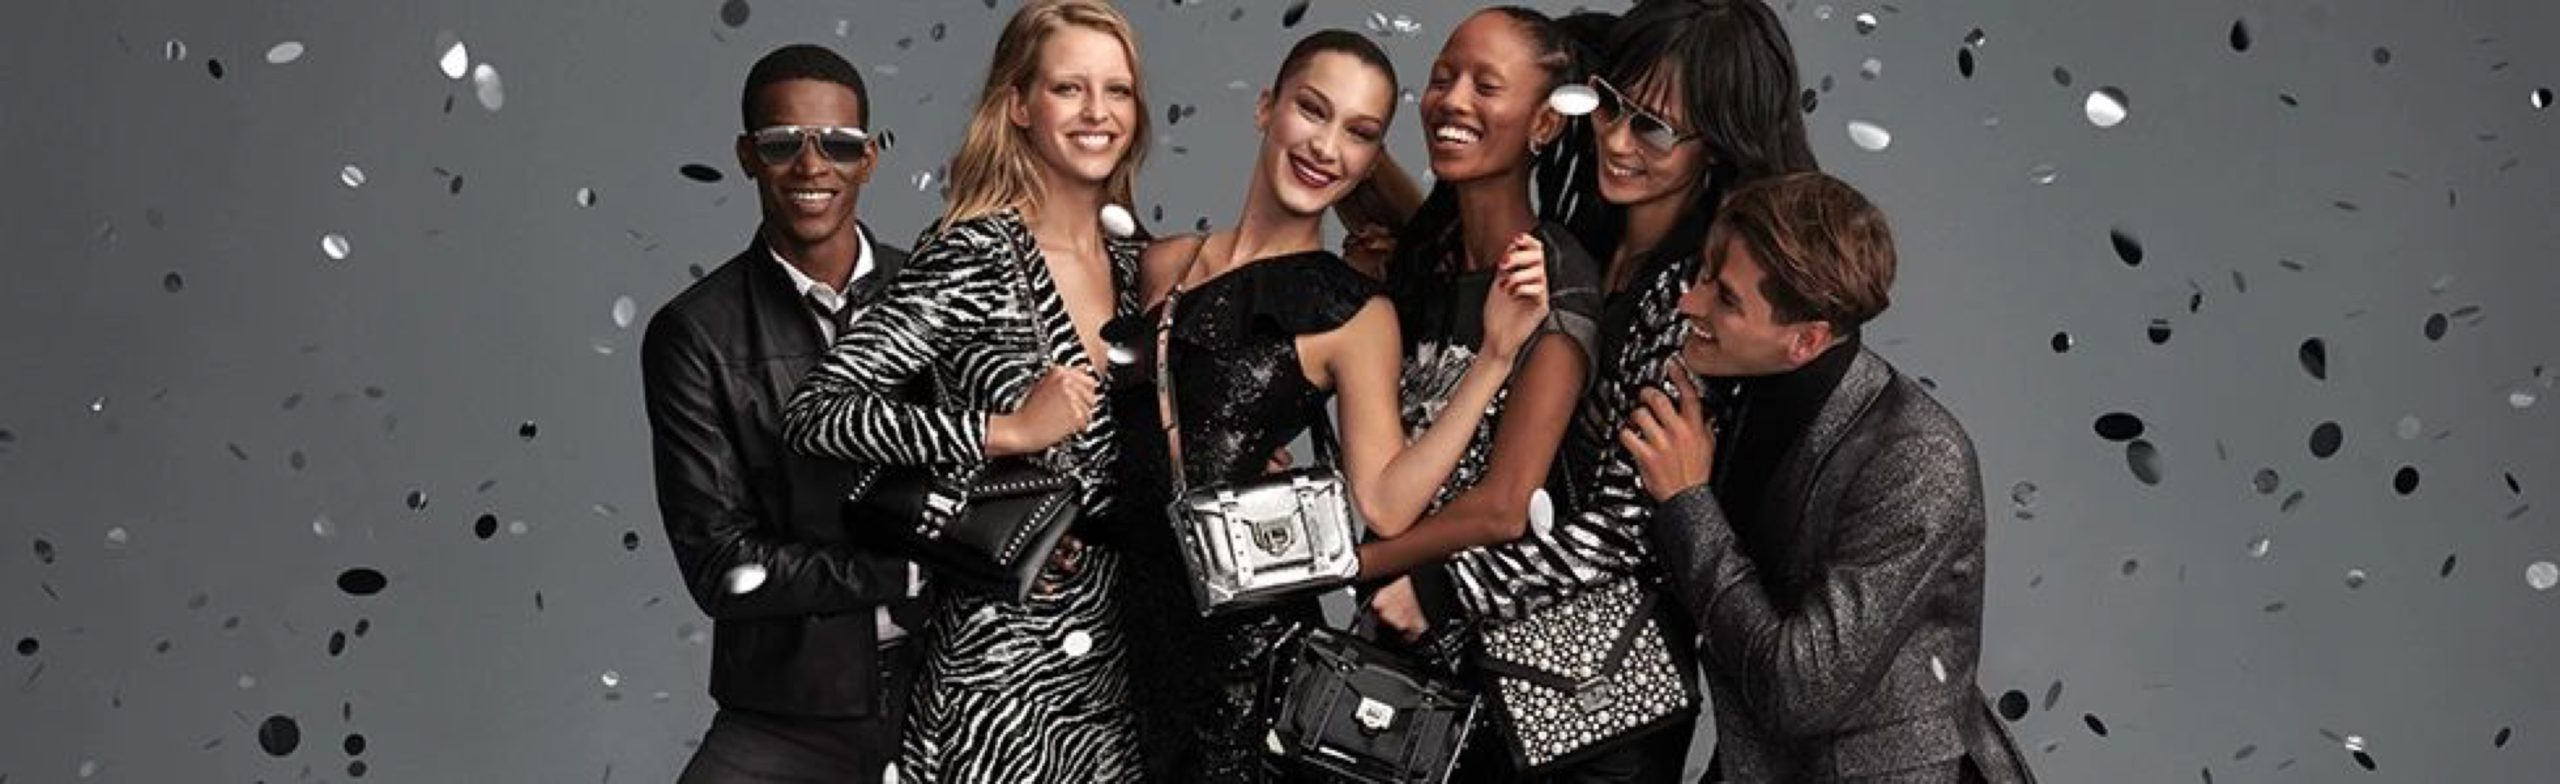 【新商品】NY発のファッションブランド「MICHAEL KORS」のiPhone12シリーズのスマートフォンアクセサリーが発売